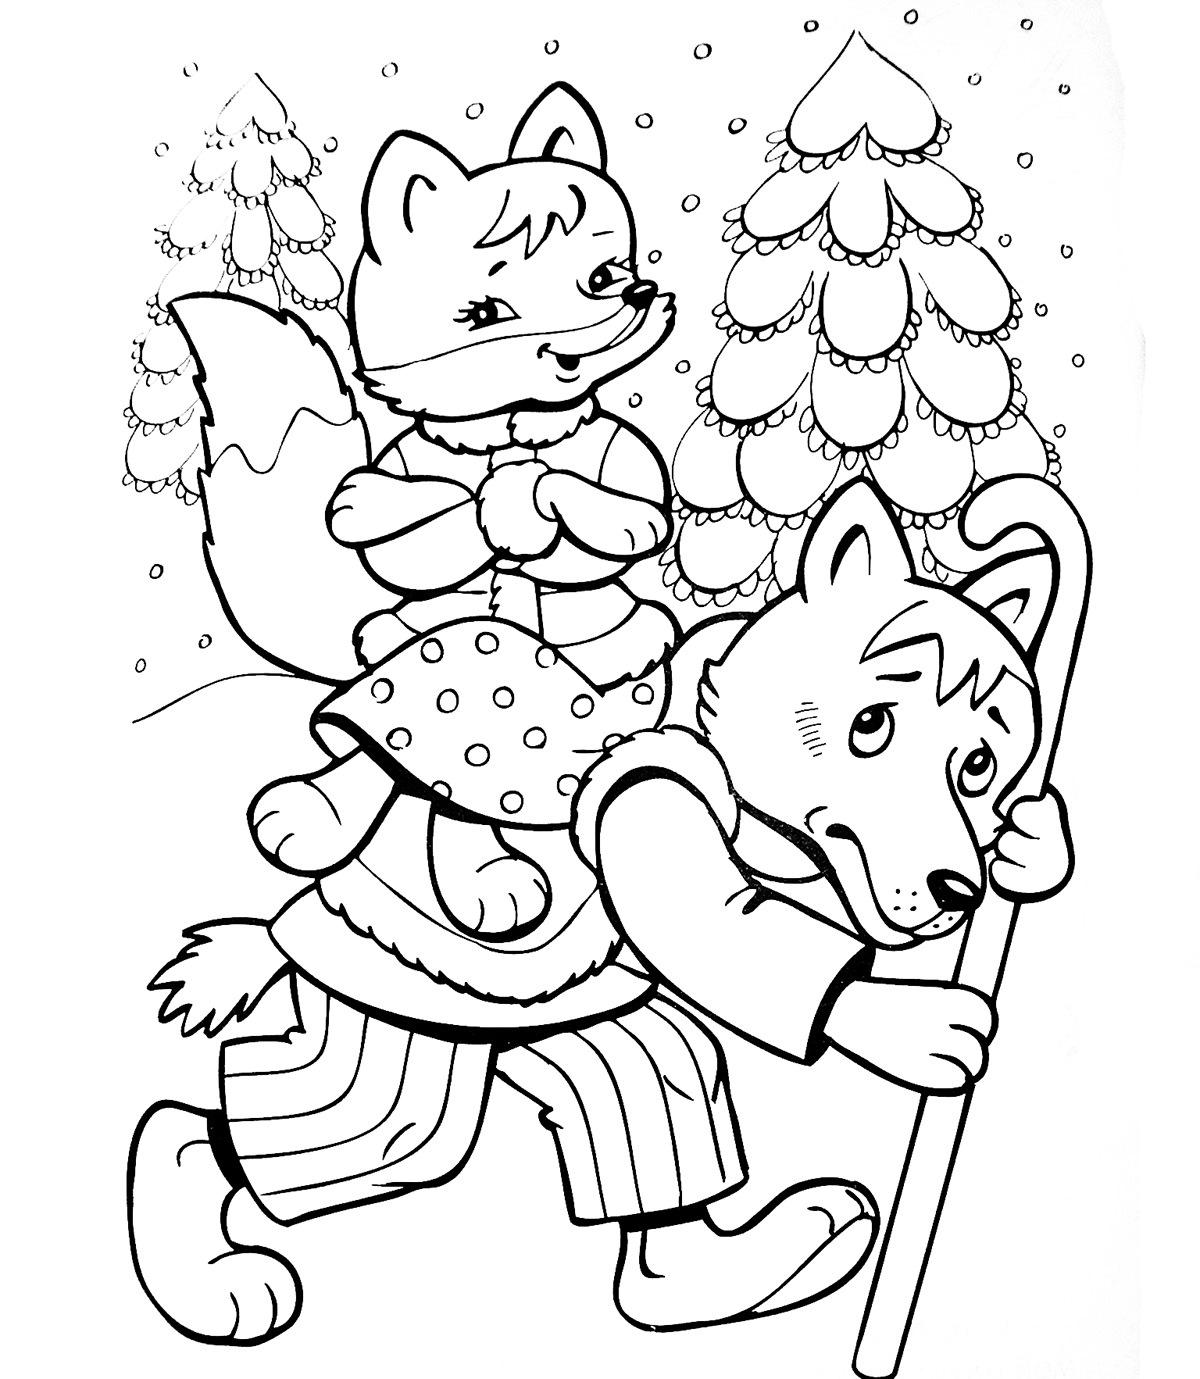 выбор рисунки животных из русских народных сказок одной них заметила